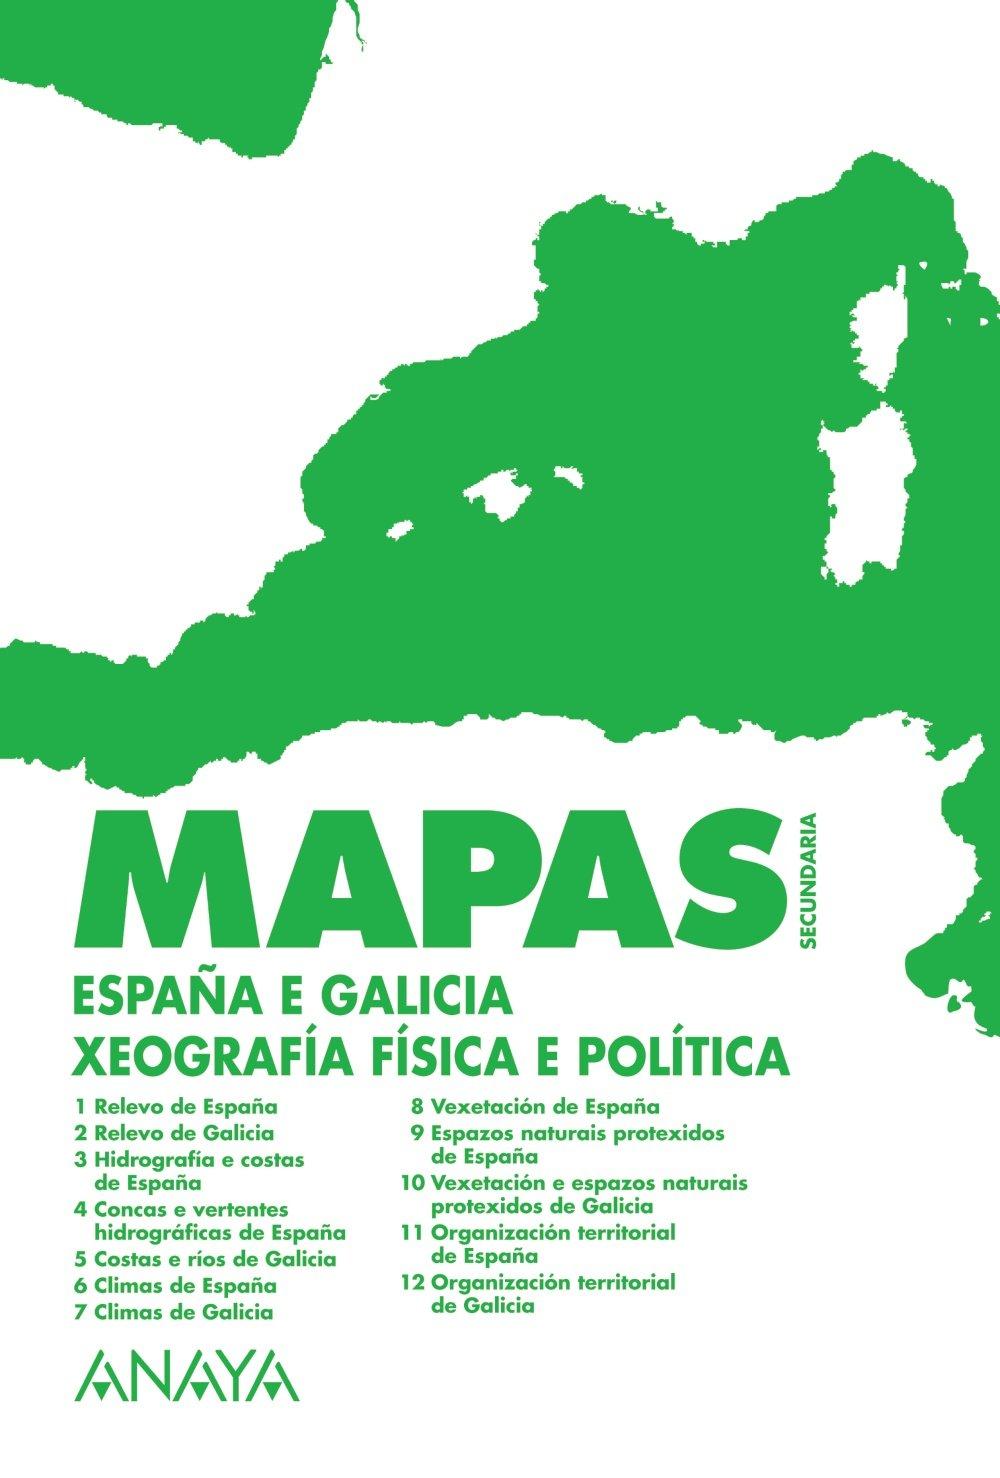 España e Galicia: Xeografía física e política: Amazon.es: Anaya Educación: Libros